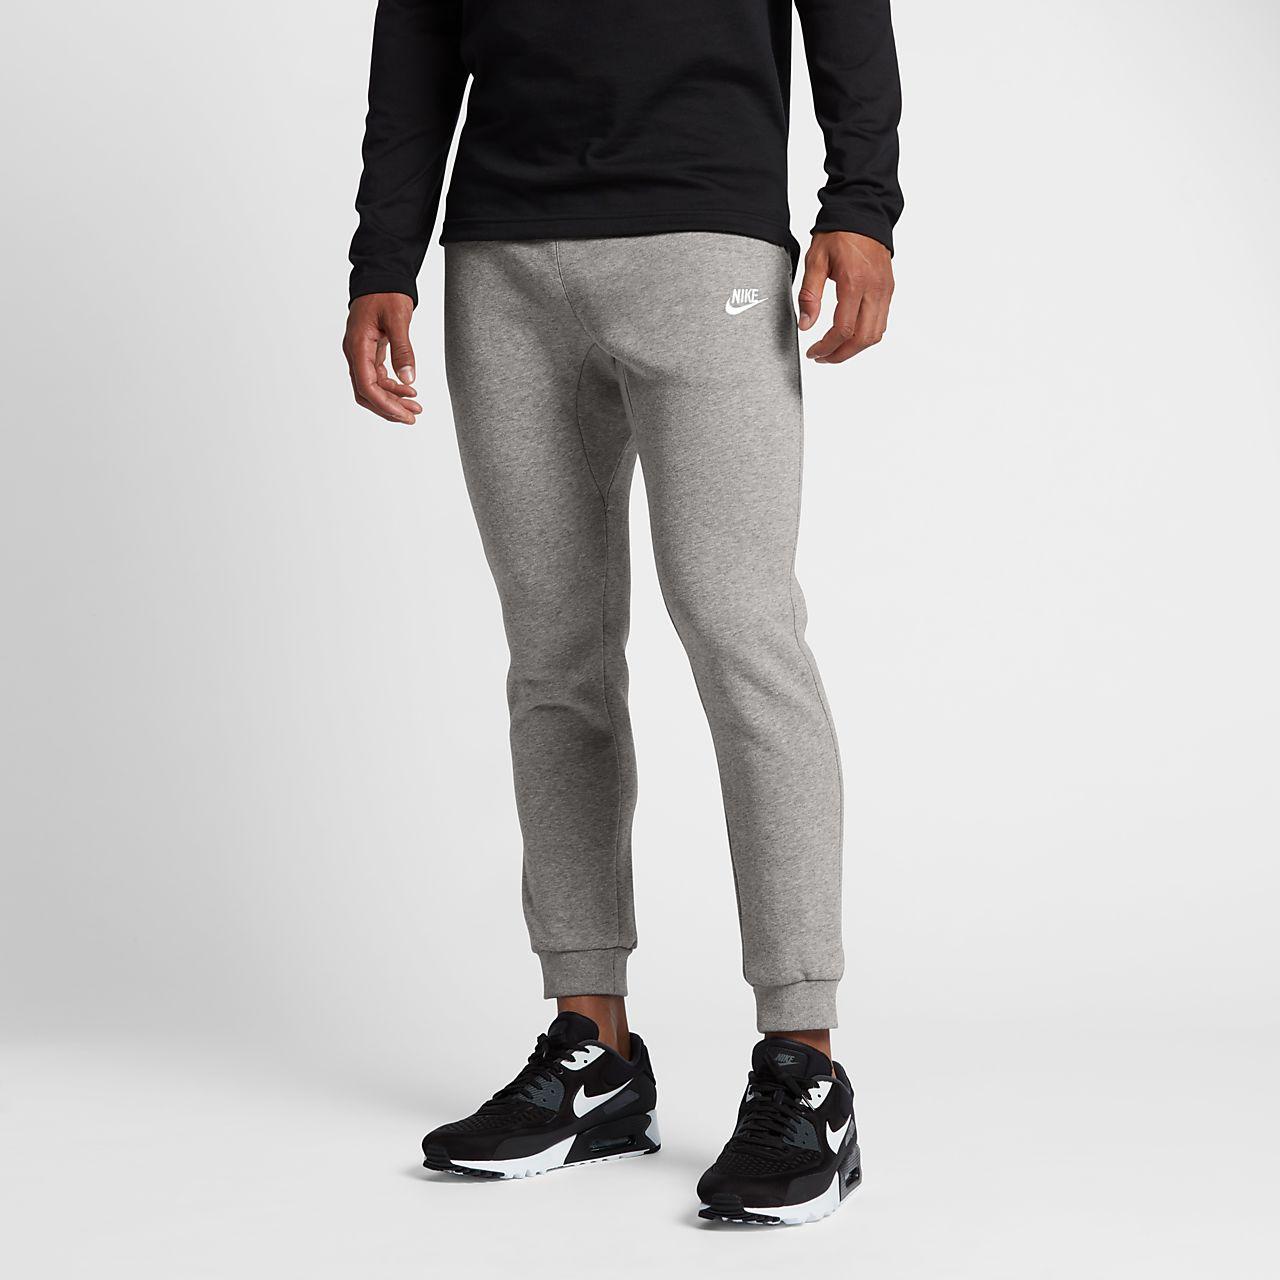 Calças de jogging Nike Sportswear Club Fleece para homem